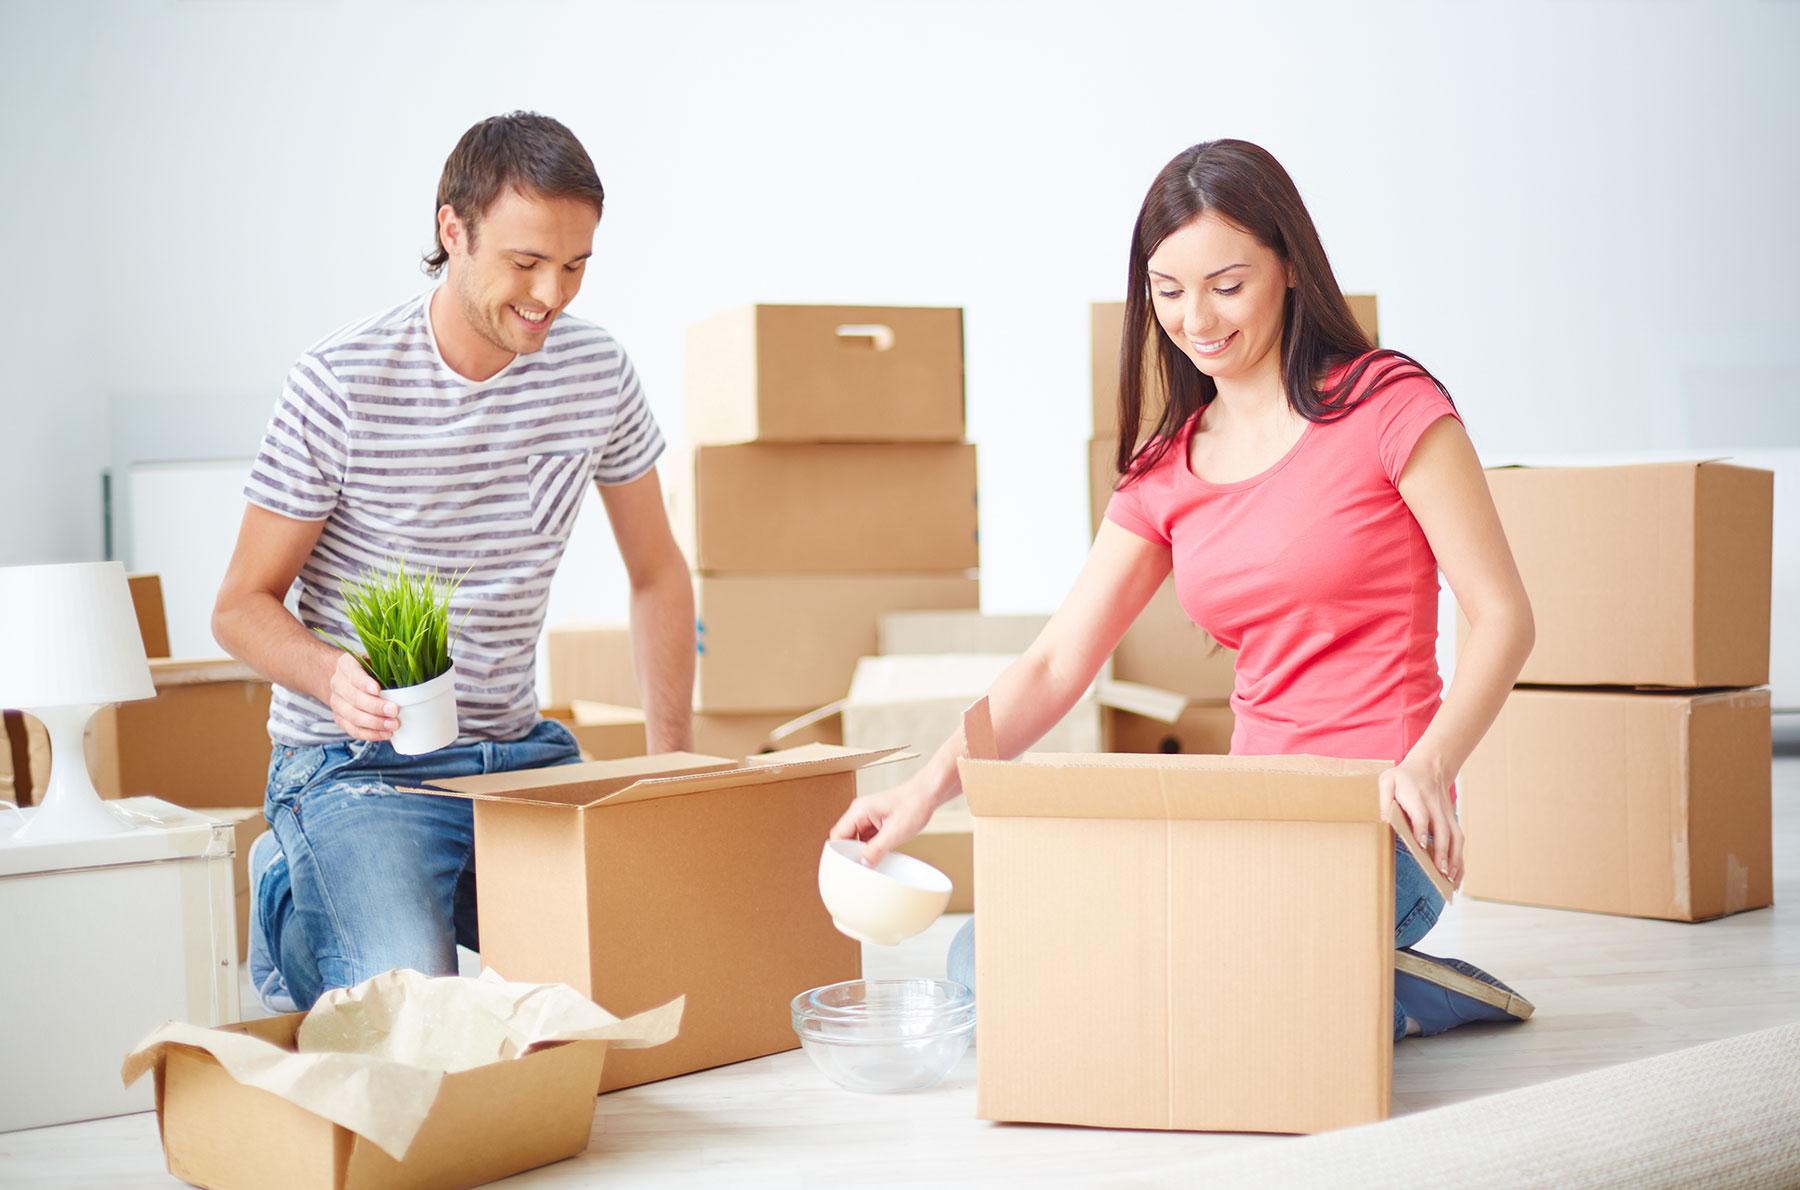 ¿Cómo desembalar tus cosas en tu nuevo hogar sin desesperarte?